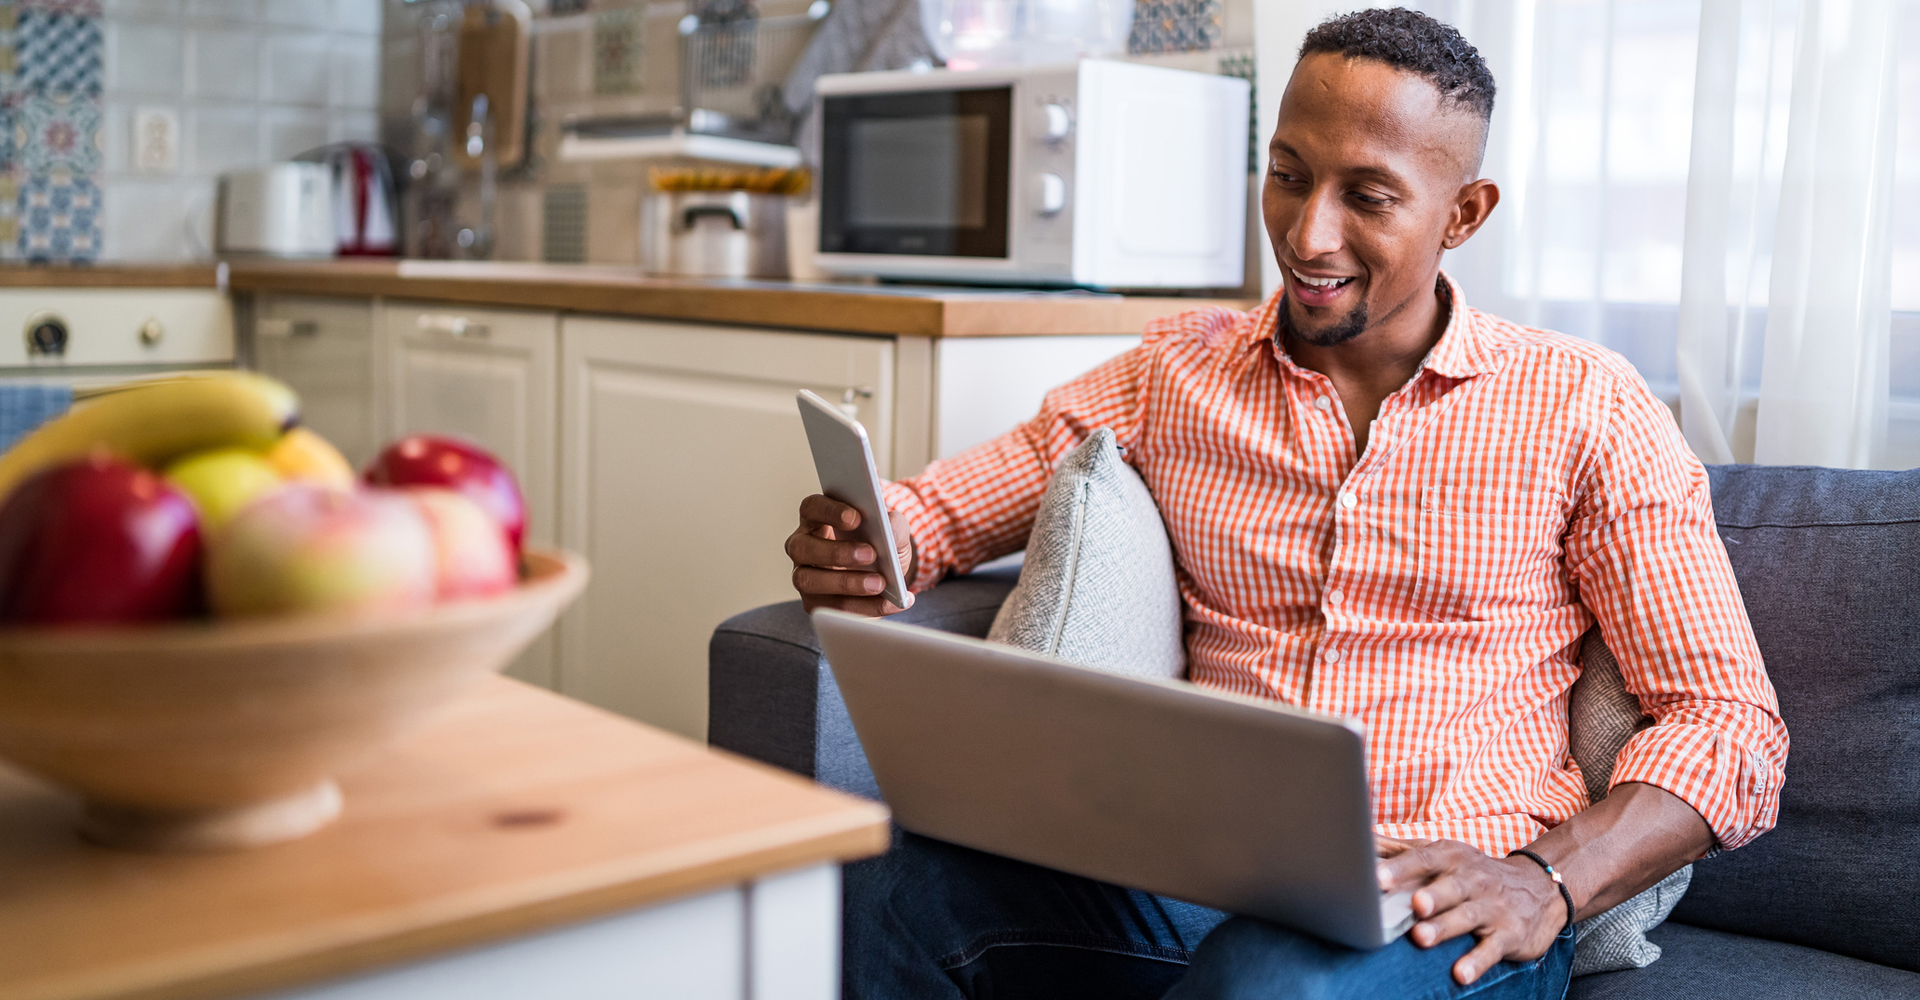 Mann sitzt zuhause in der Küche beim Onlineshopping